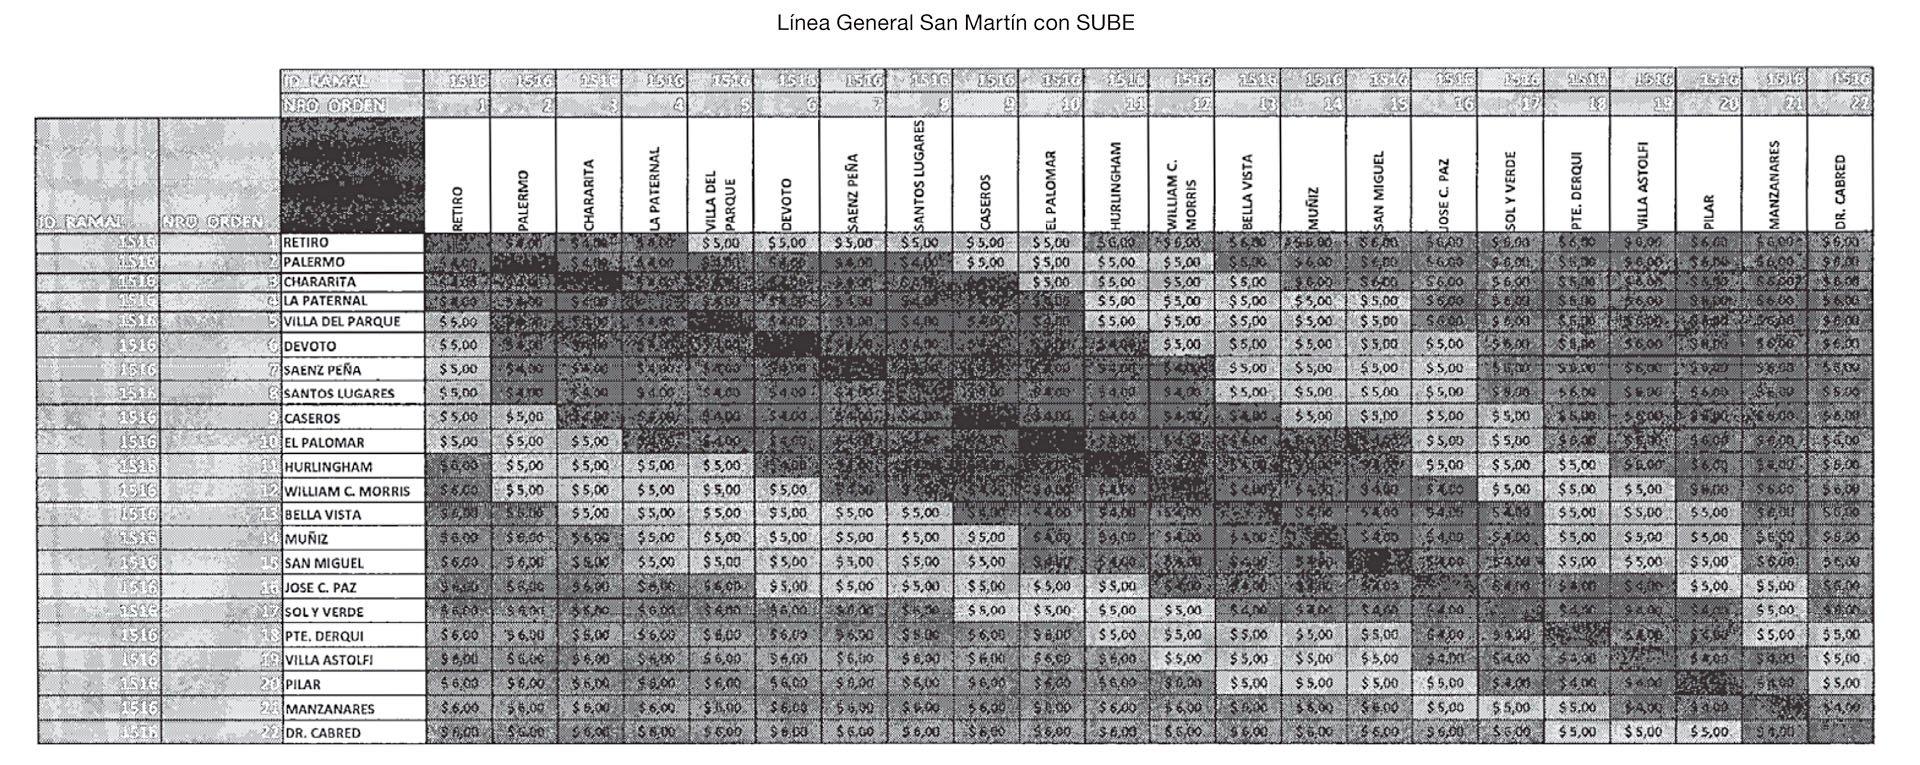 Nuevas tarifas para el ferrocarril San Martín con SUBE